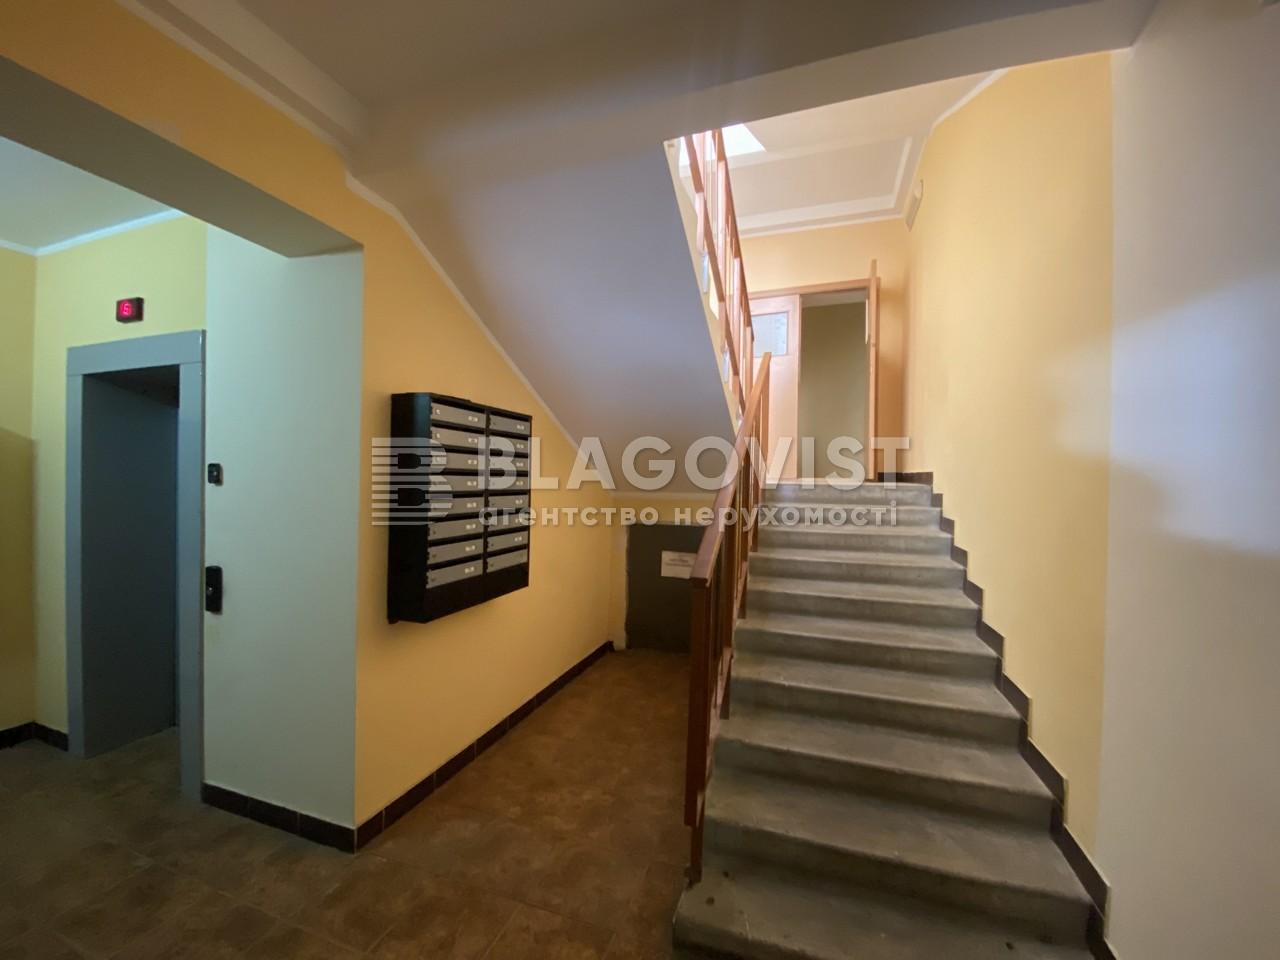 Квартира R-39092, Павла Чубинского, 2, Софиевская Борщаговка - Фото 12